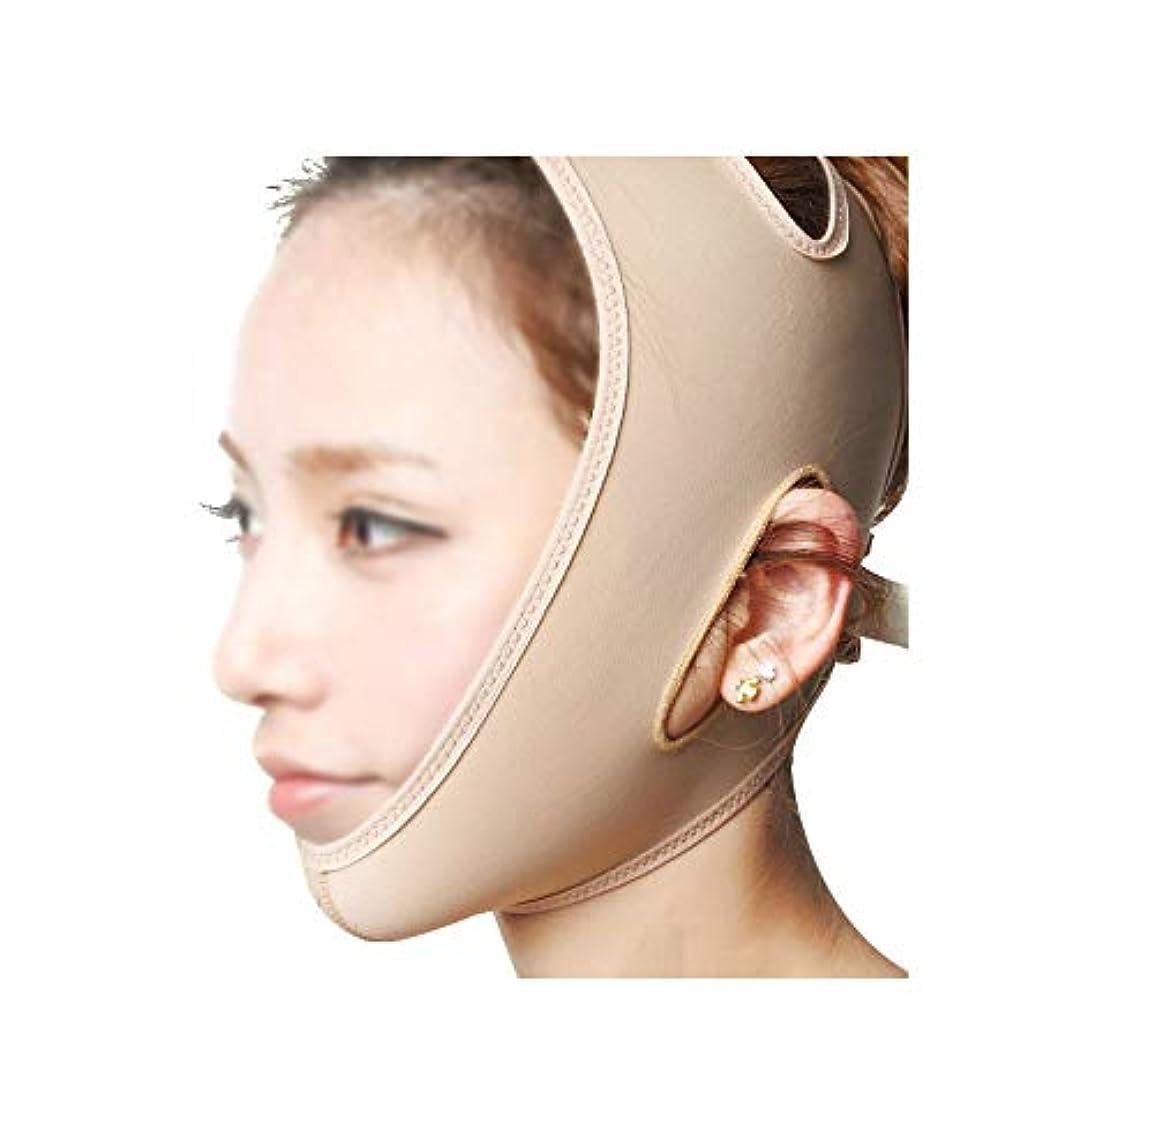 性別ベット真似るXHLMRMJ フェイスリフティングバンデージ、フェイスマスク3Dパネルデザイン、通気性のある非通気性、高弾性ライクラ生地フィジカルVフェイス、美しい顔の輪郭の作成 (Size : M)